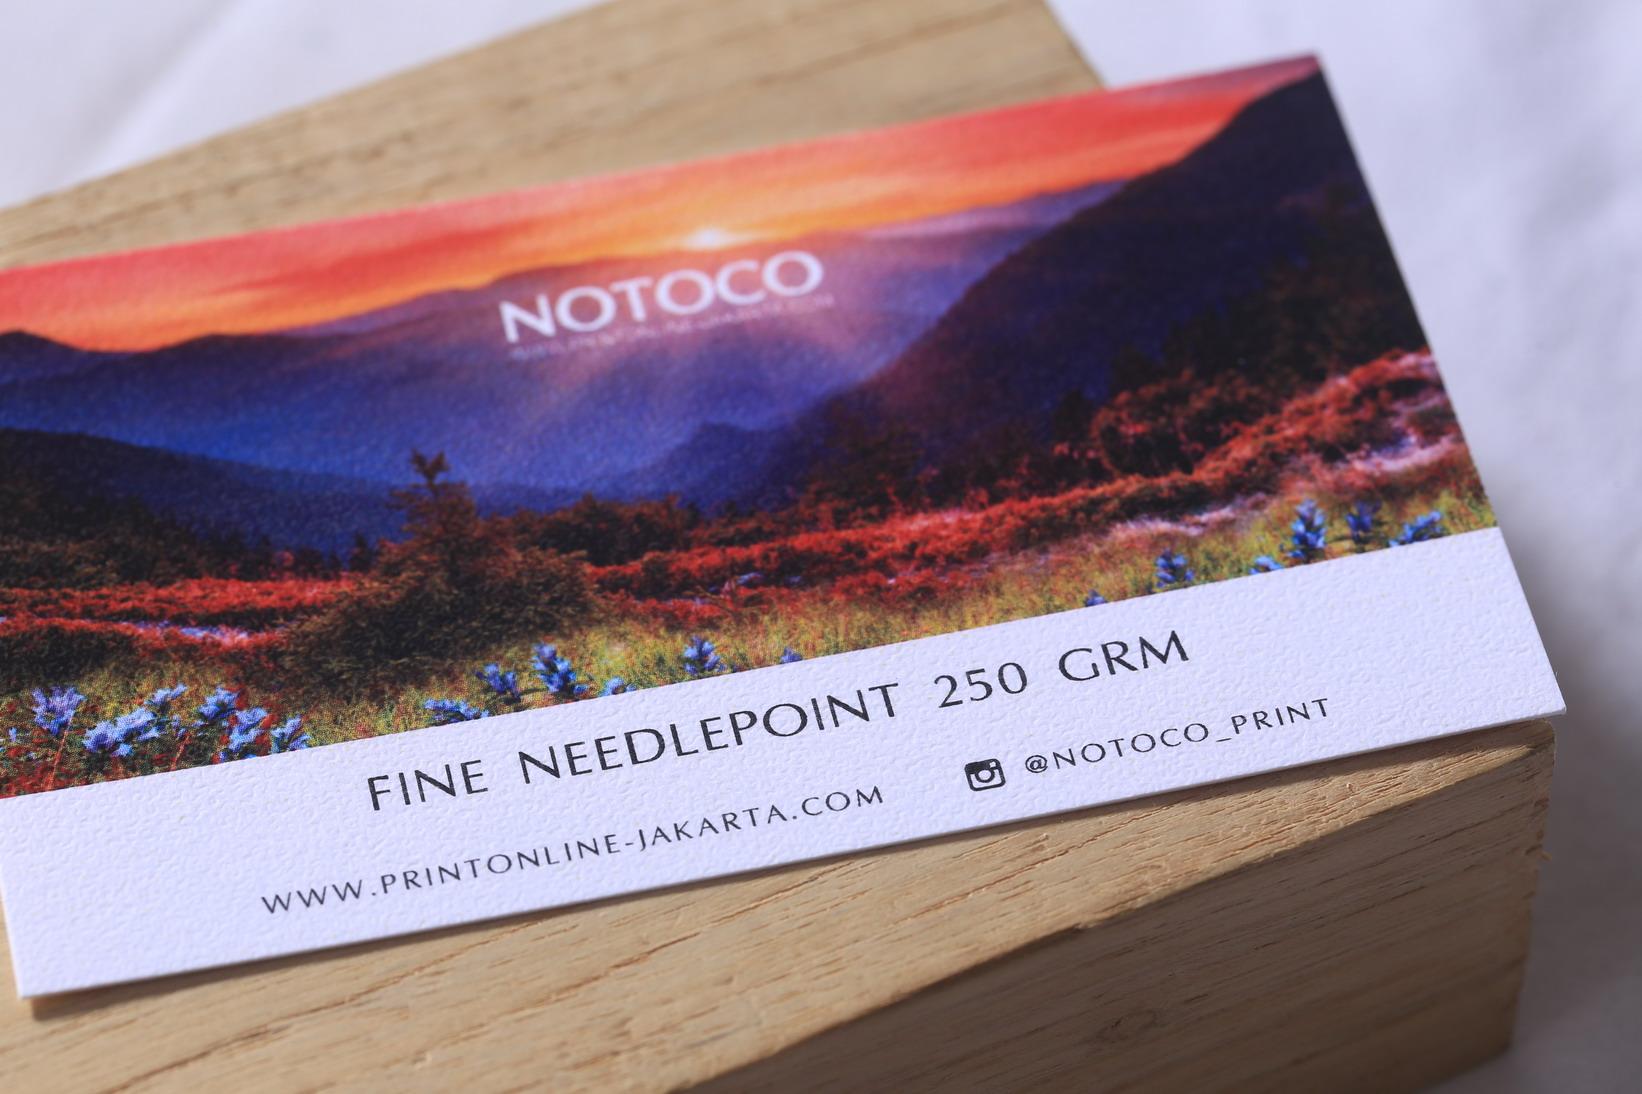 Fine Neddle Point 250 grm